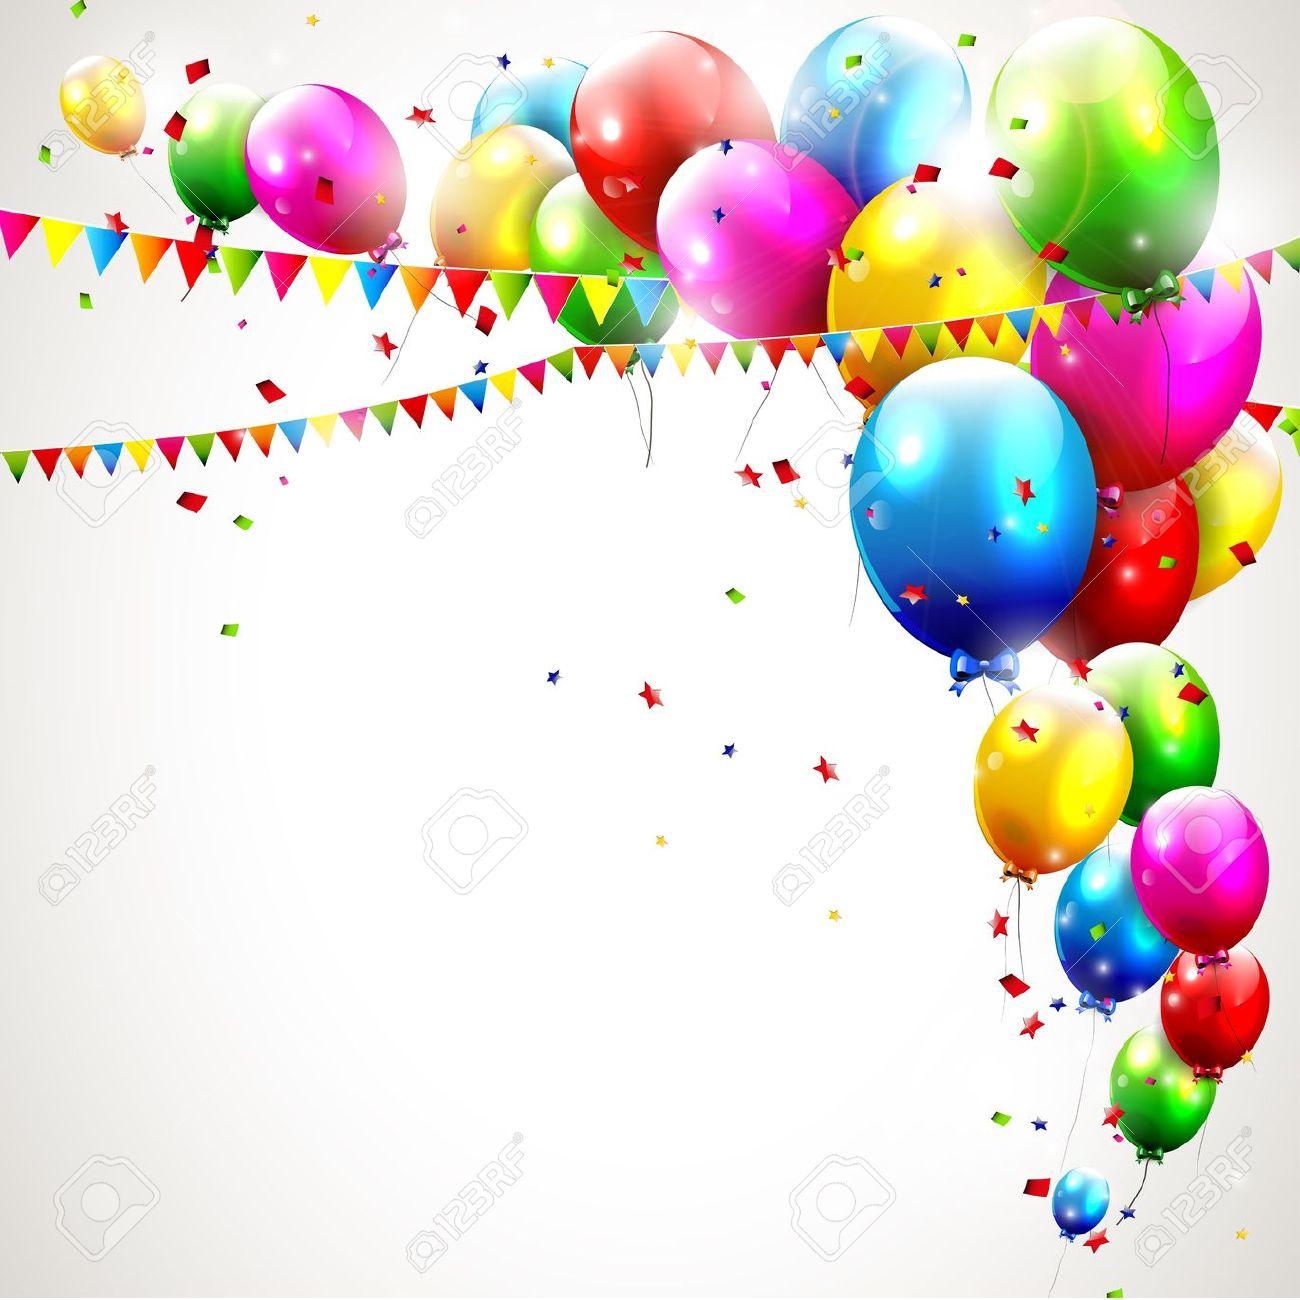 Clipart luftballon geburtstag svg transparent Kind Luftballon Lizenzfreie Vektorgrafiken Kaufen: 123RF svg transparent